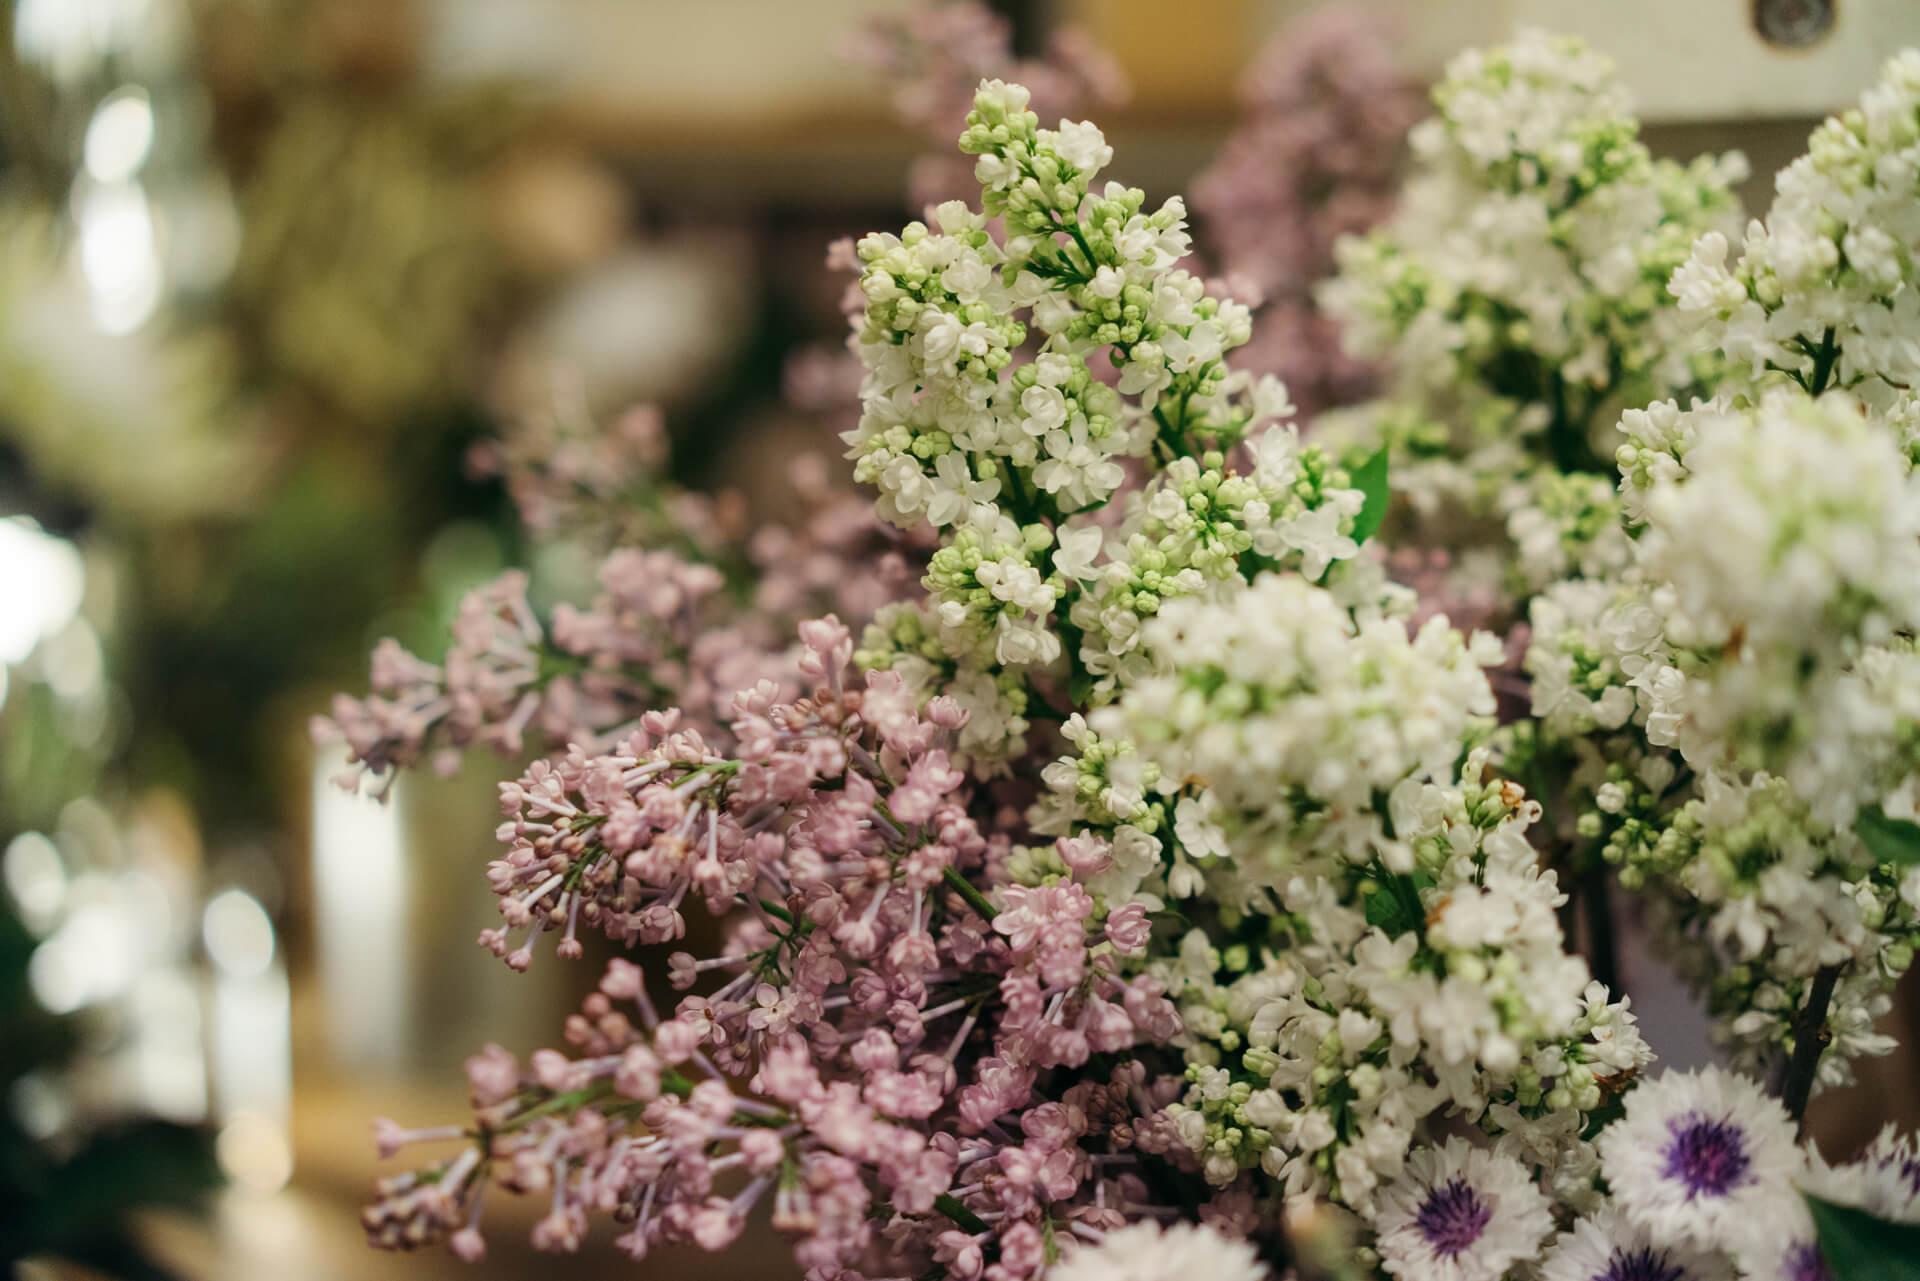 紫陽花や芍薬、ライラックなど、この季節のおすすめのお花も、大玉のものだったり、色合いが絶妙だったりのものが選ばれて店頭に並んでいます。